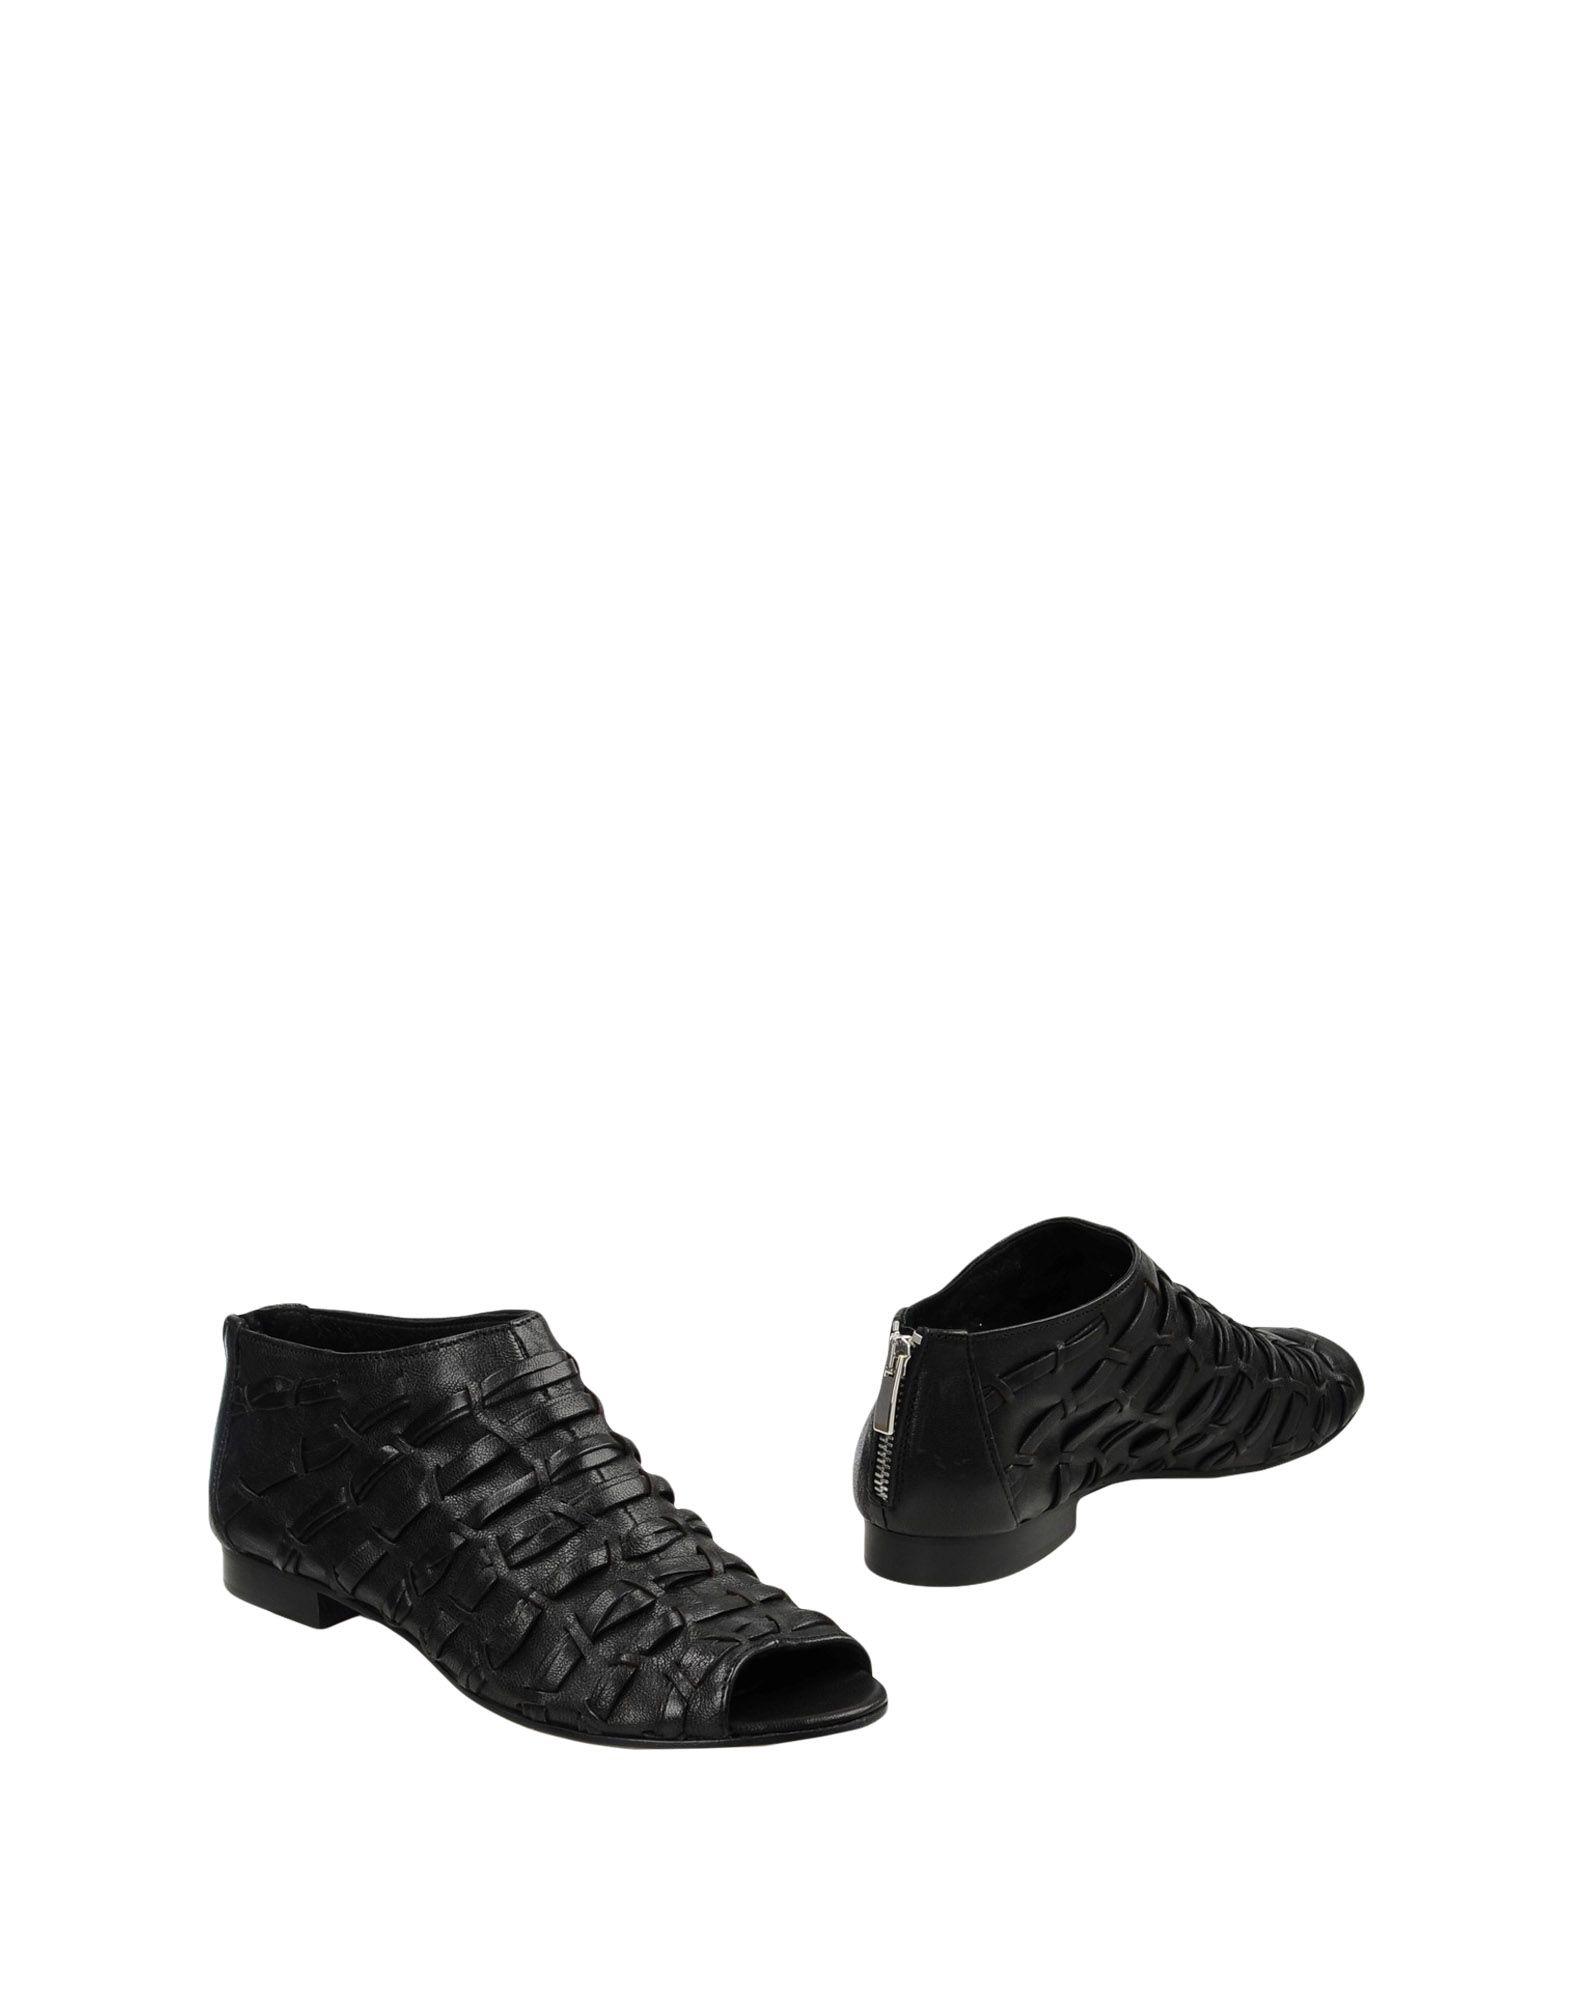 LEONARDO PRINCIPI Ботинки leonardo principi полусапоги и высокие ботинки